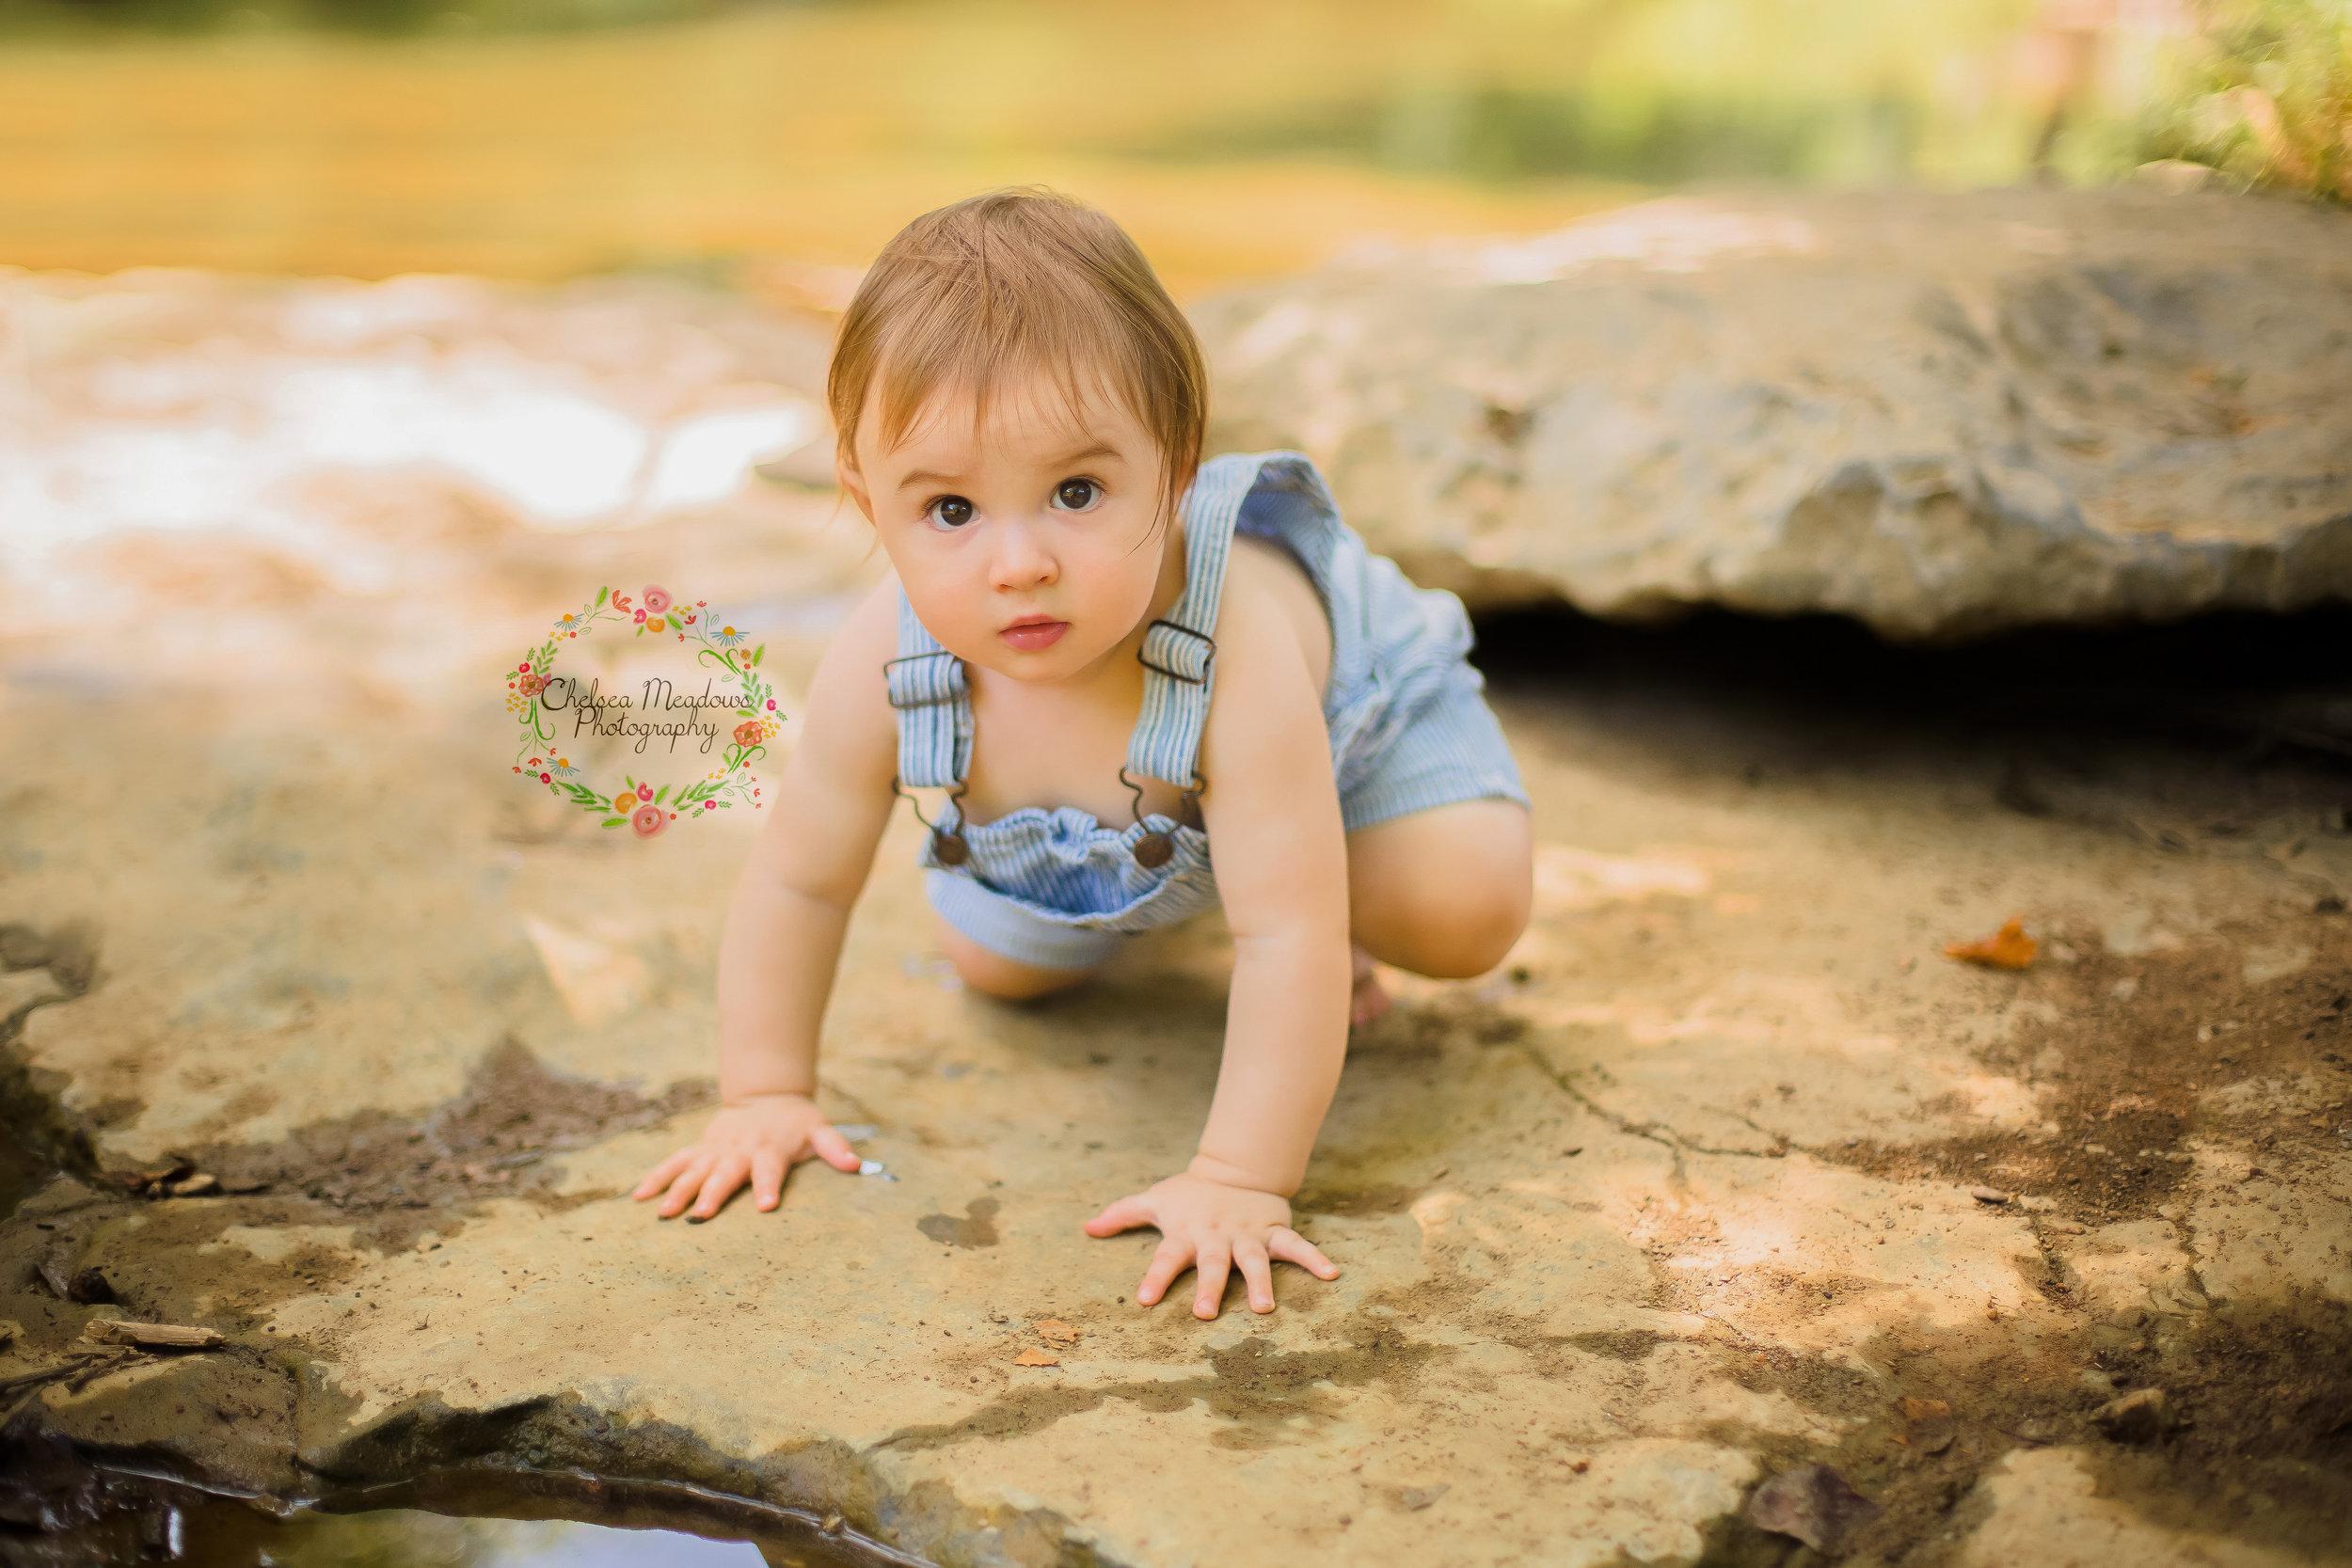 Rowans First Birthday - Nashville Family Photographer - Chelsea Meadows Photography (5).jpg